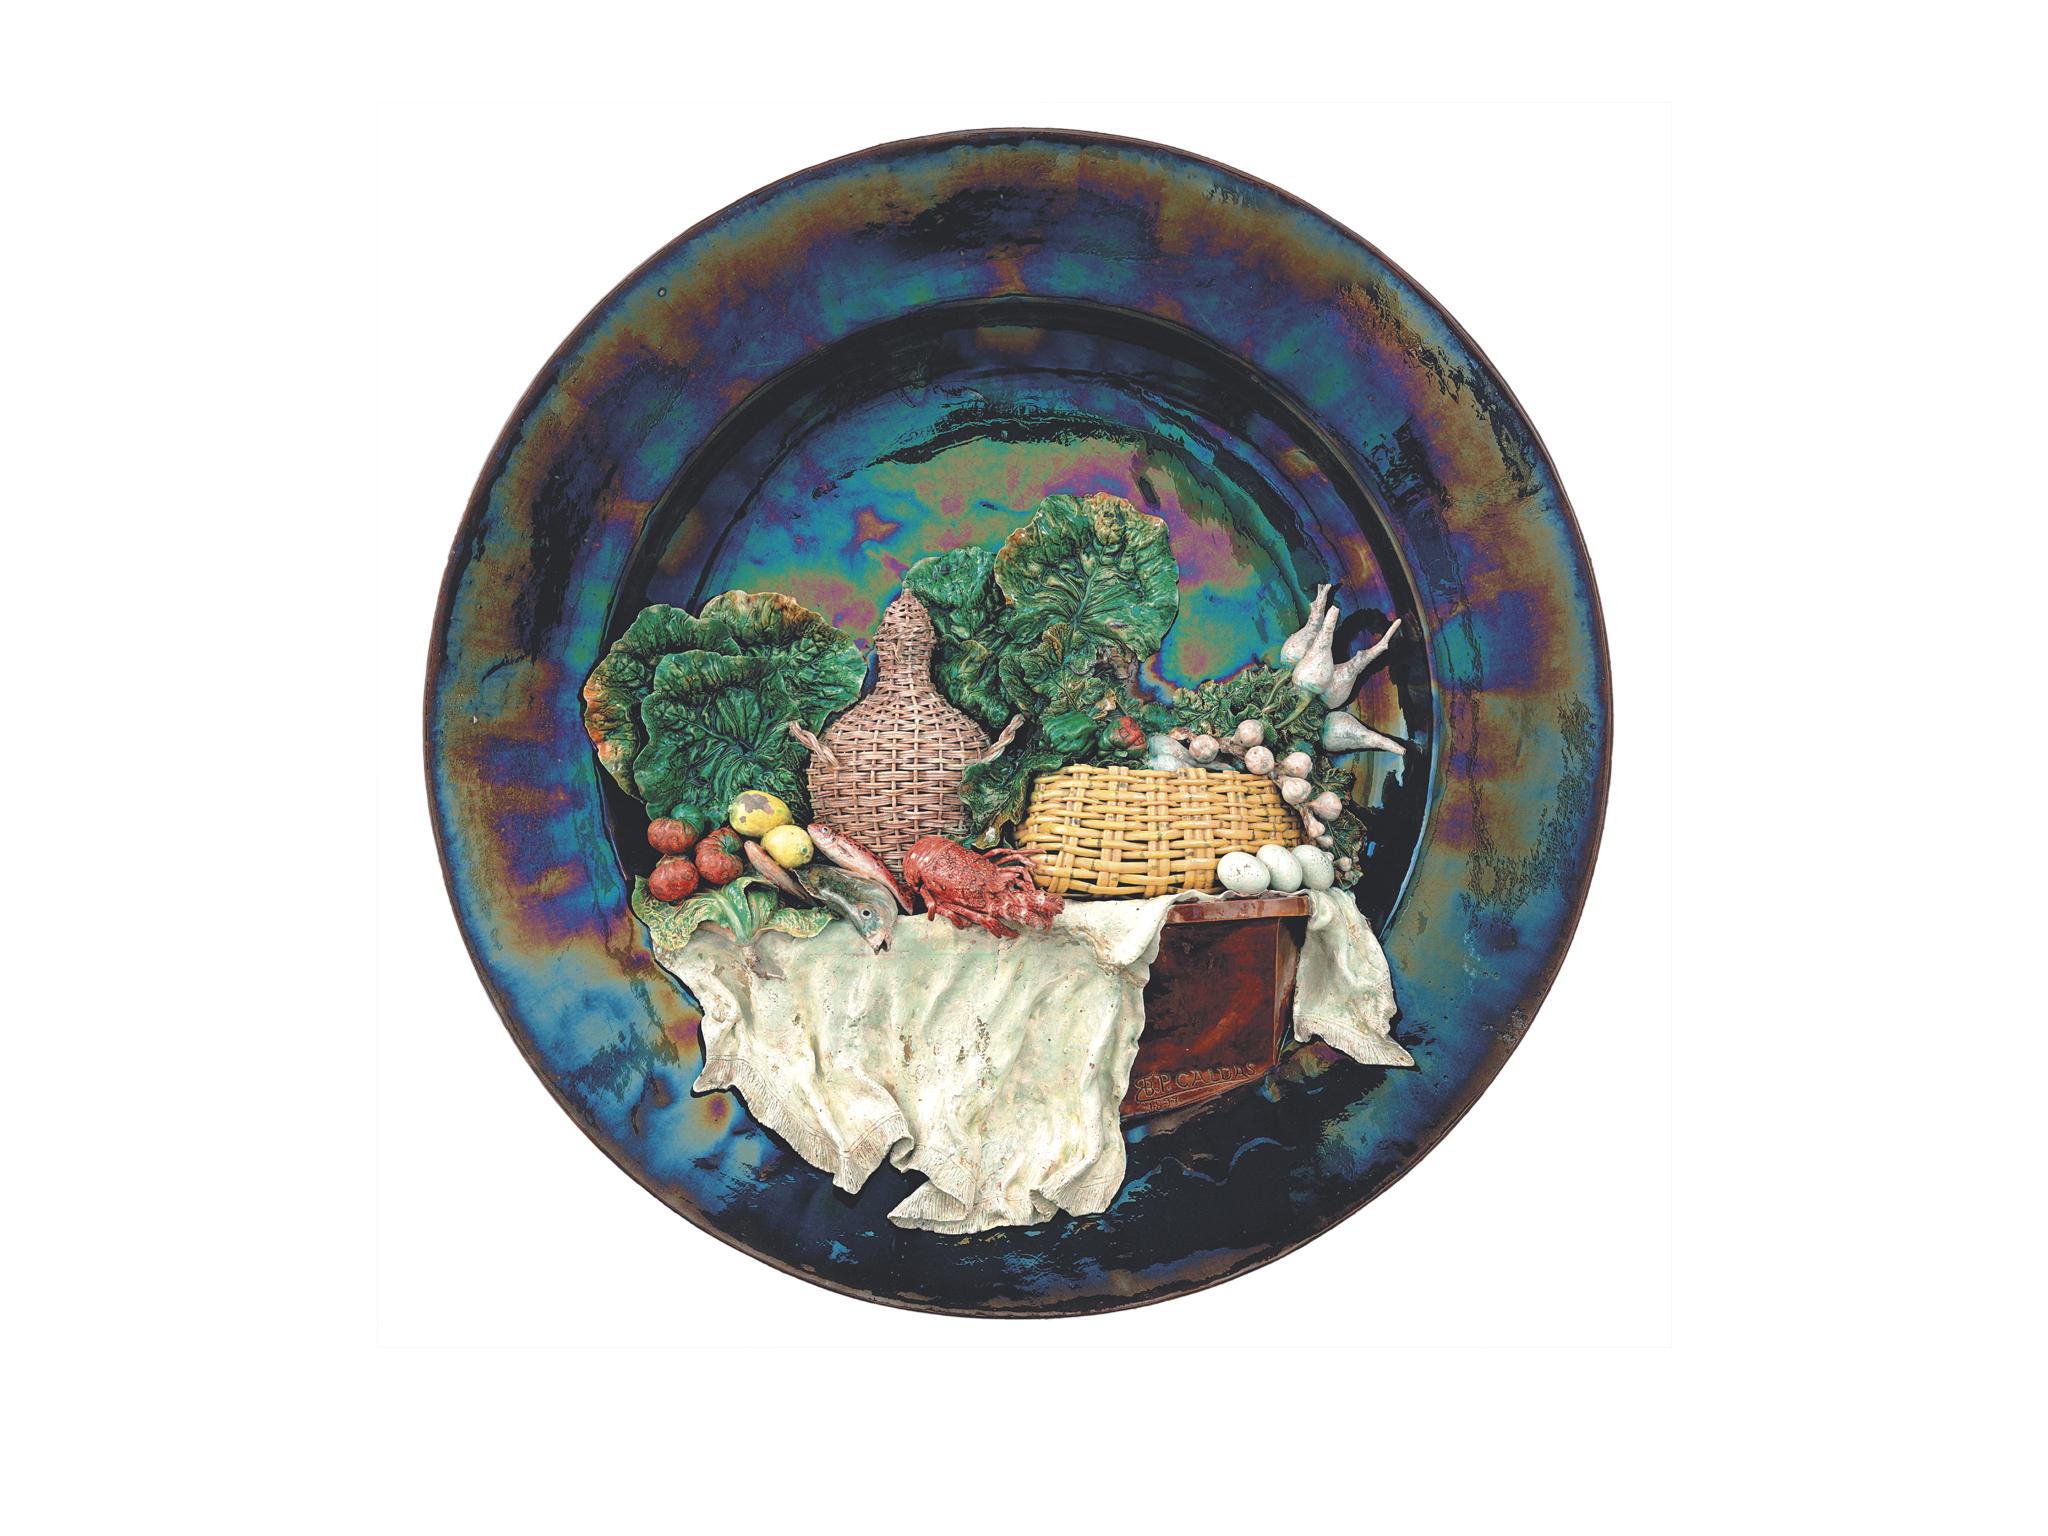 mesa posta de bordalo pinheiro